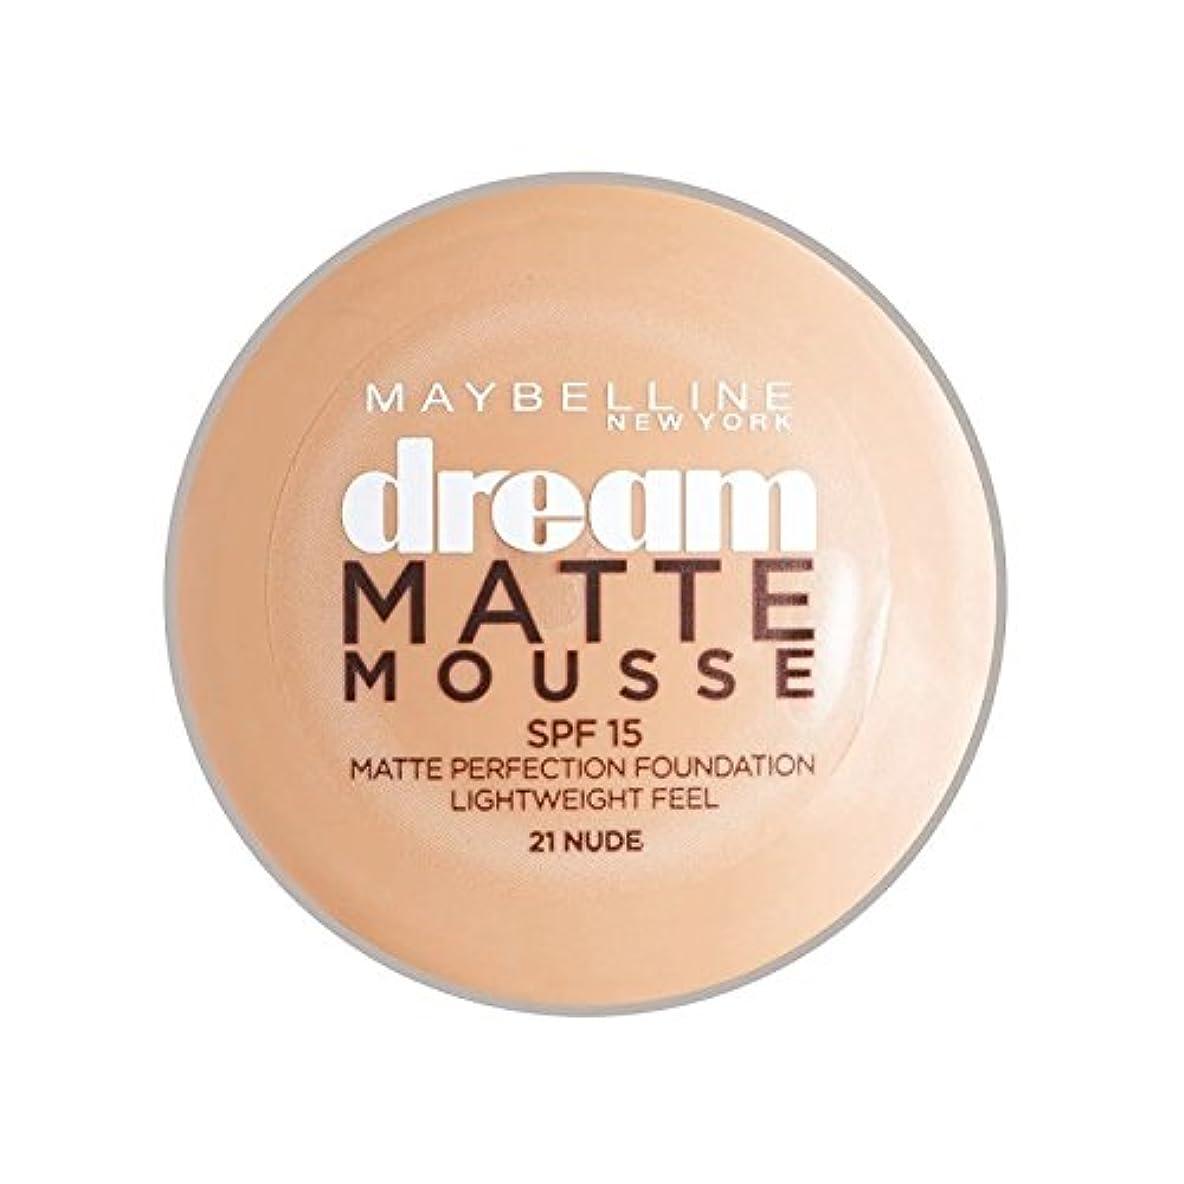 フェッチ装備する忠誠Maybelline Dream Matte Mousse Foundation 21 Nude 10ml - メイベリン夢マットムース土台21ヌード10ミリリットル [並行輸入品]